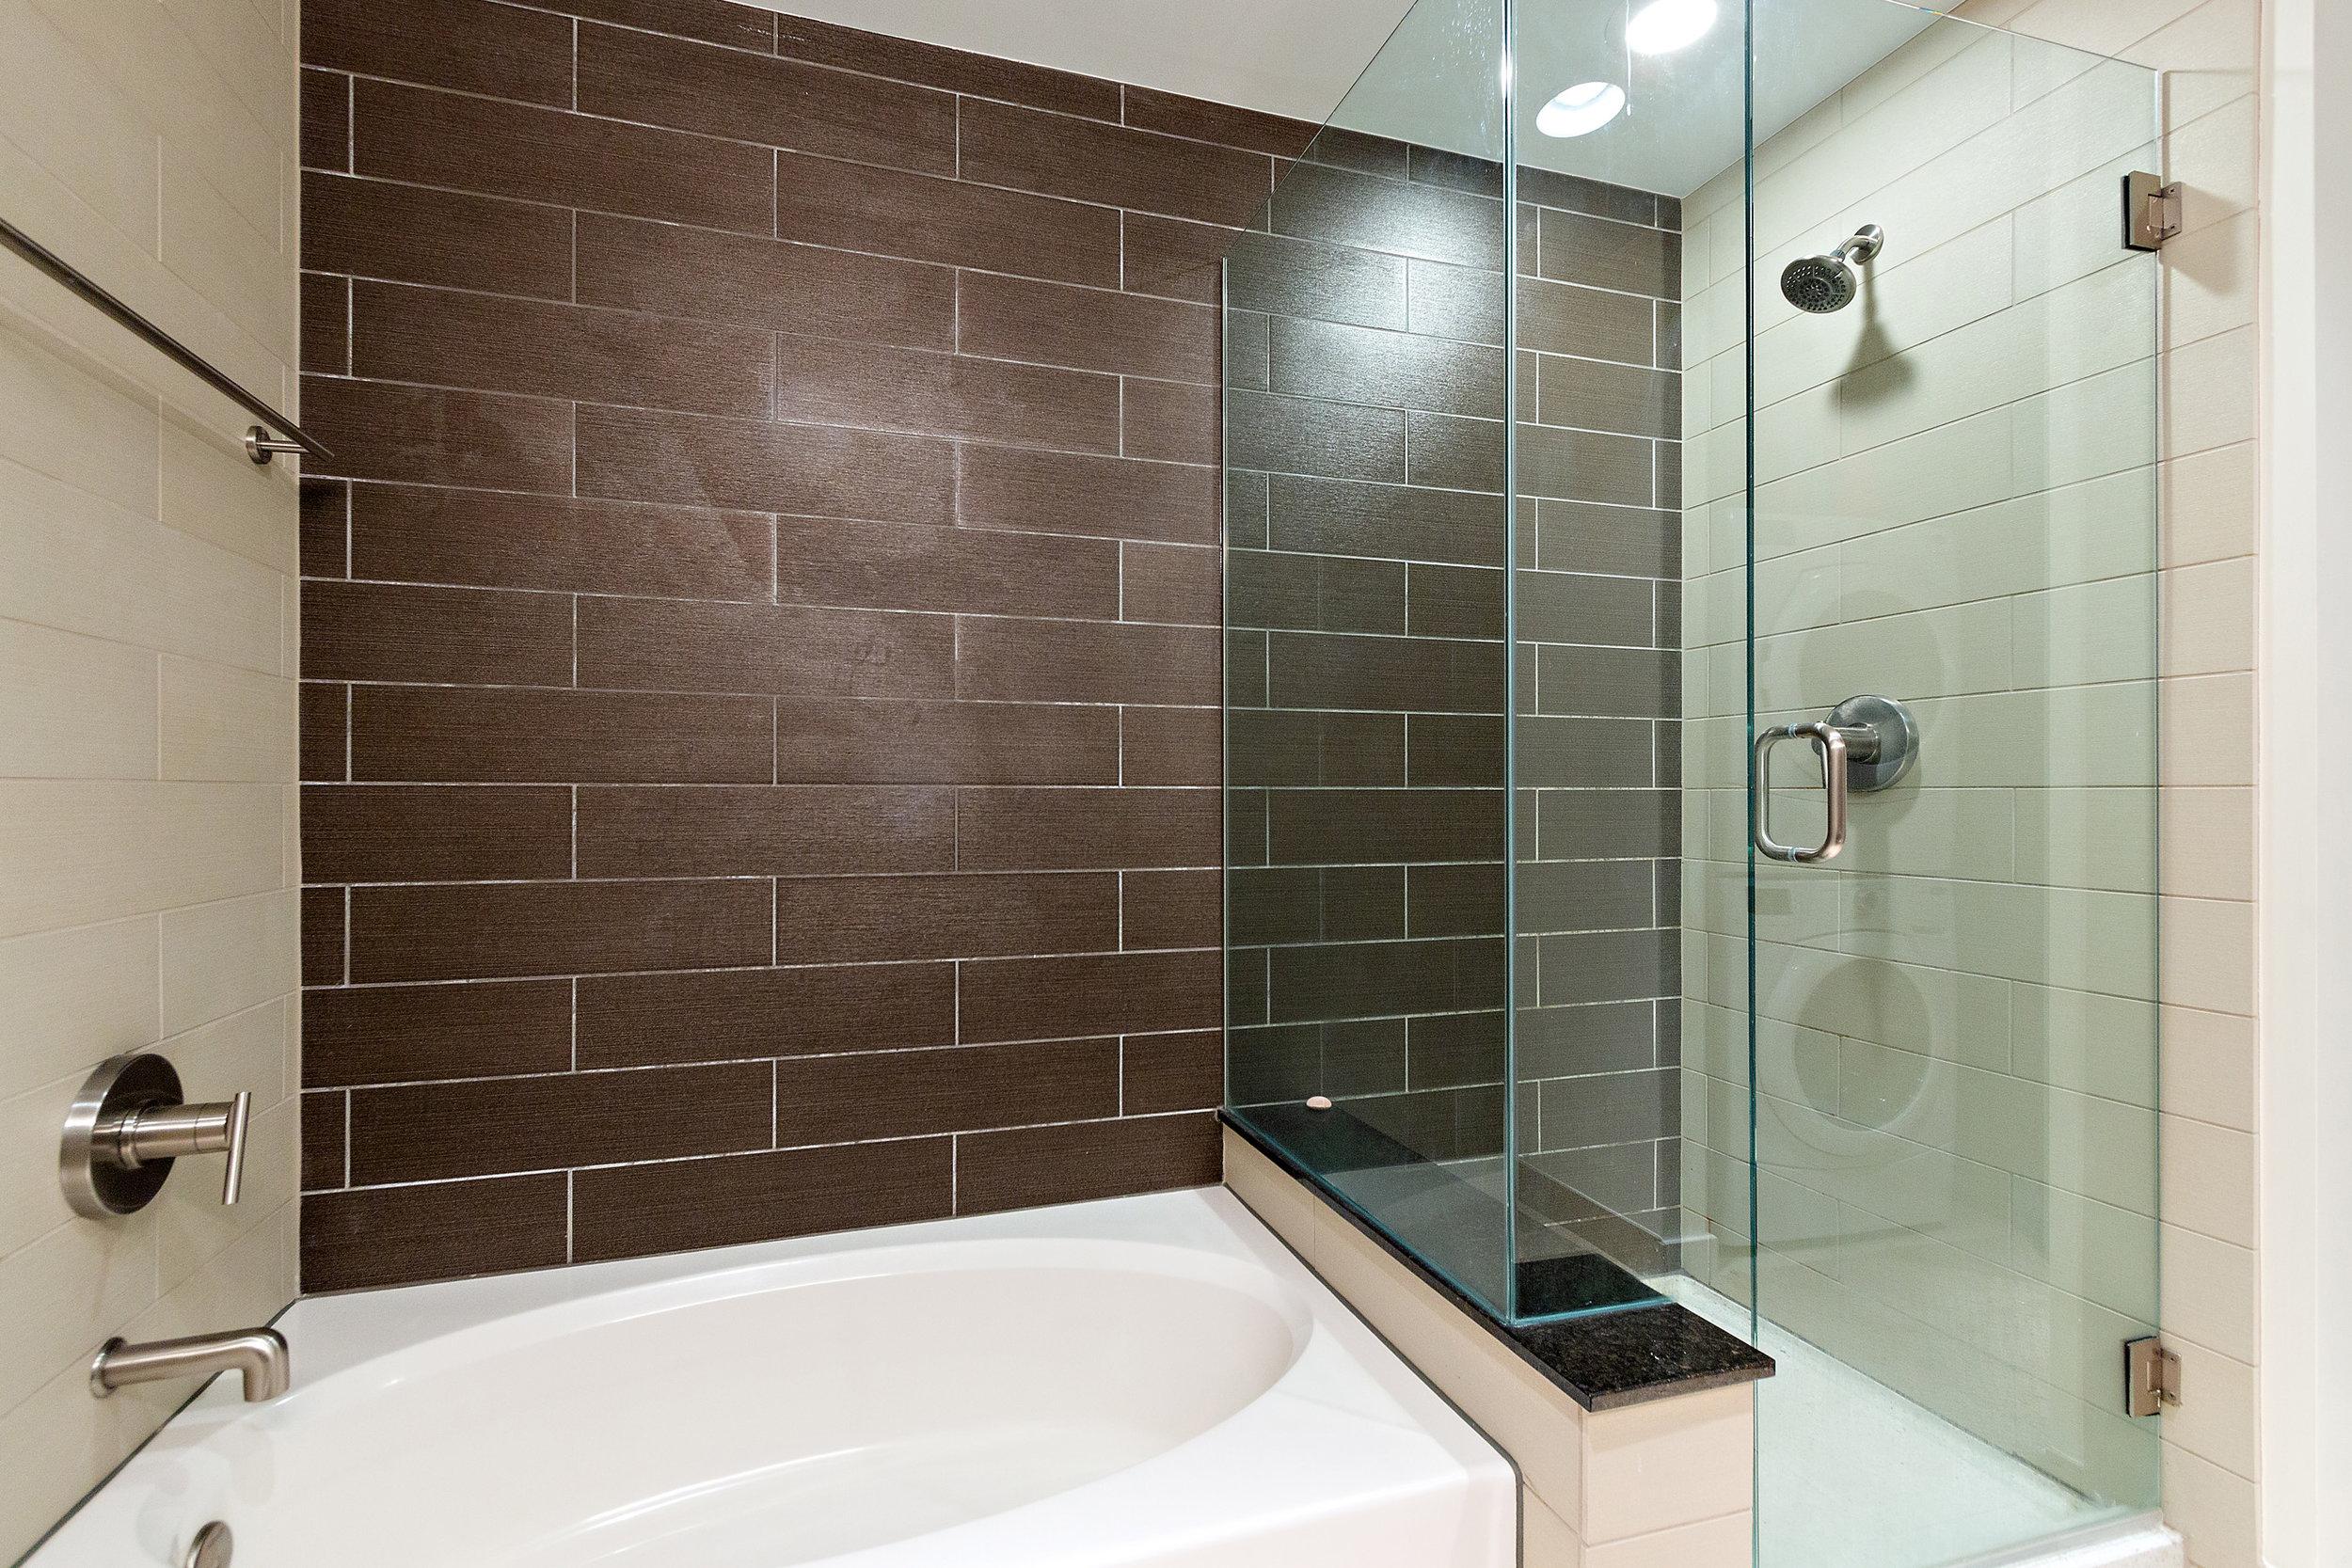 14 Spire 910 Master Bath and Shower.jpg